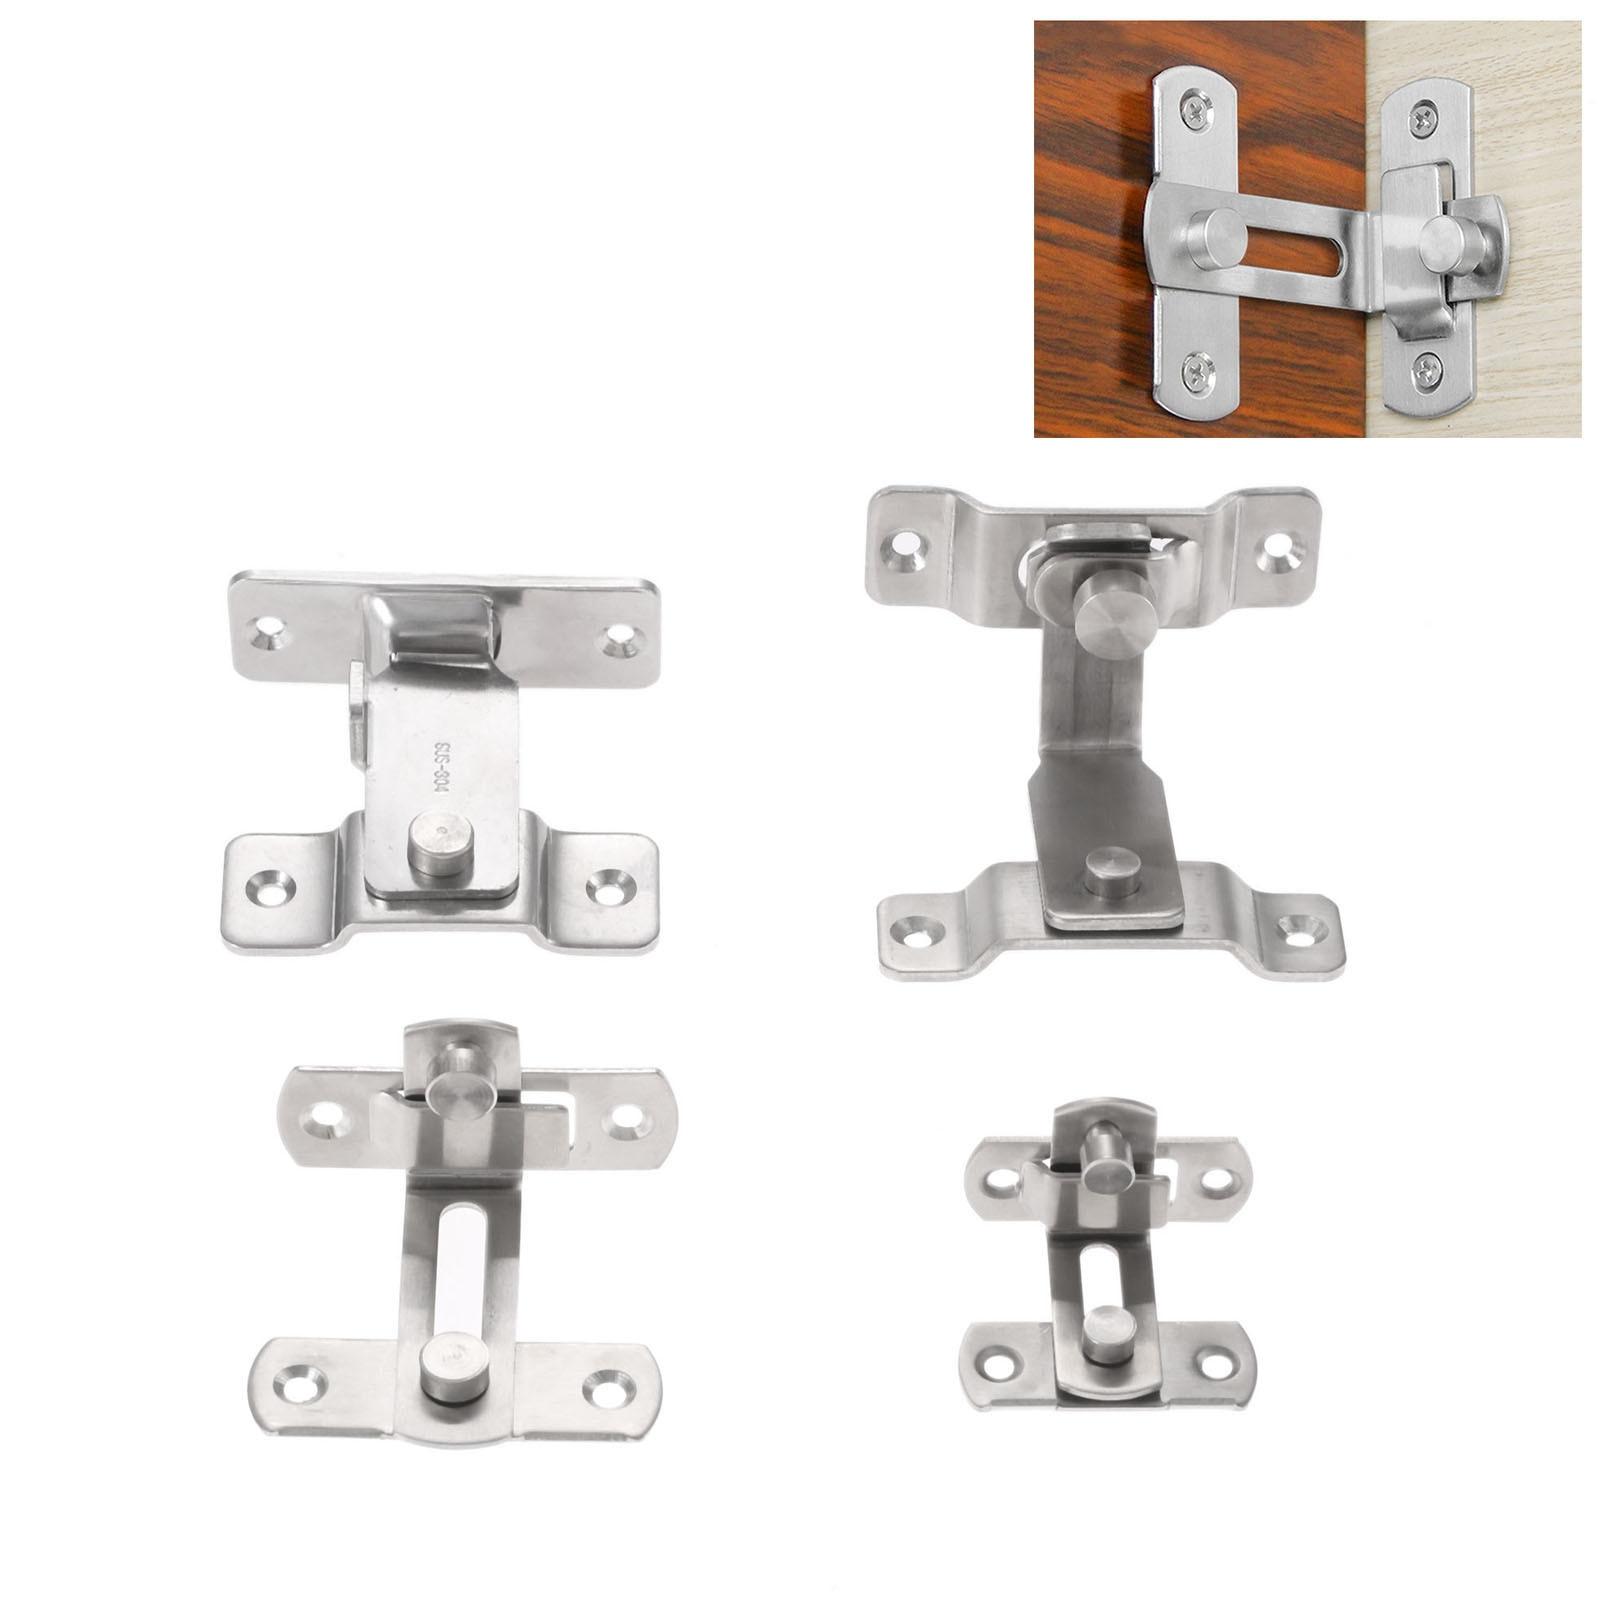 90 Degree Stainless Steel Door Buckle Bolt Barn Door Lock Hook Right Angle Bending Latch Hasp Anti-theft Safety Door Hardware